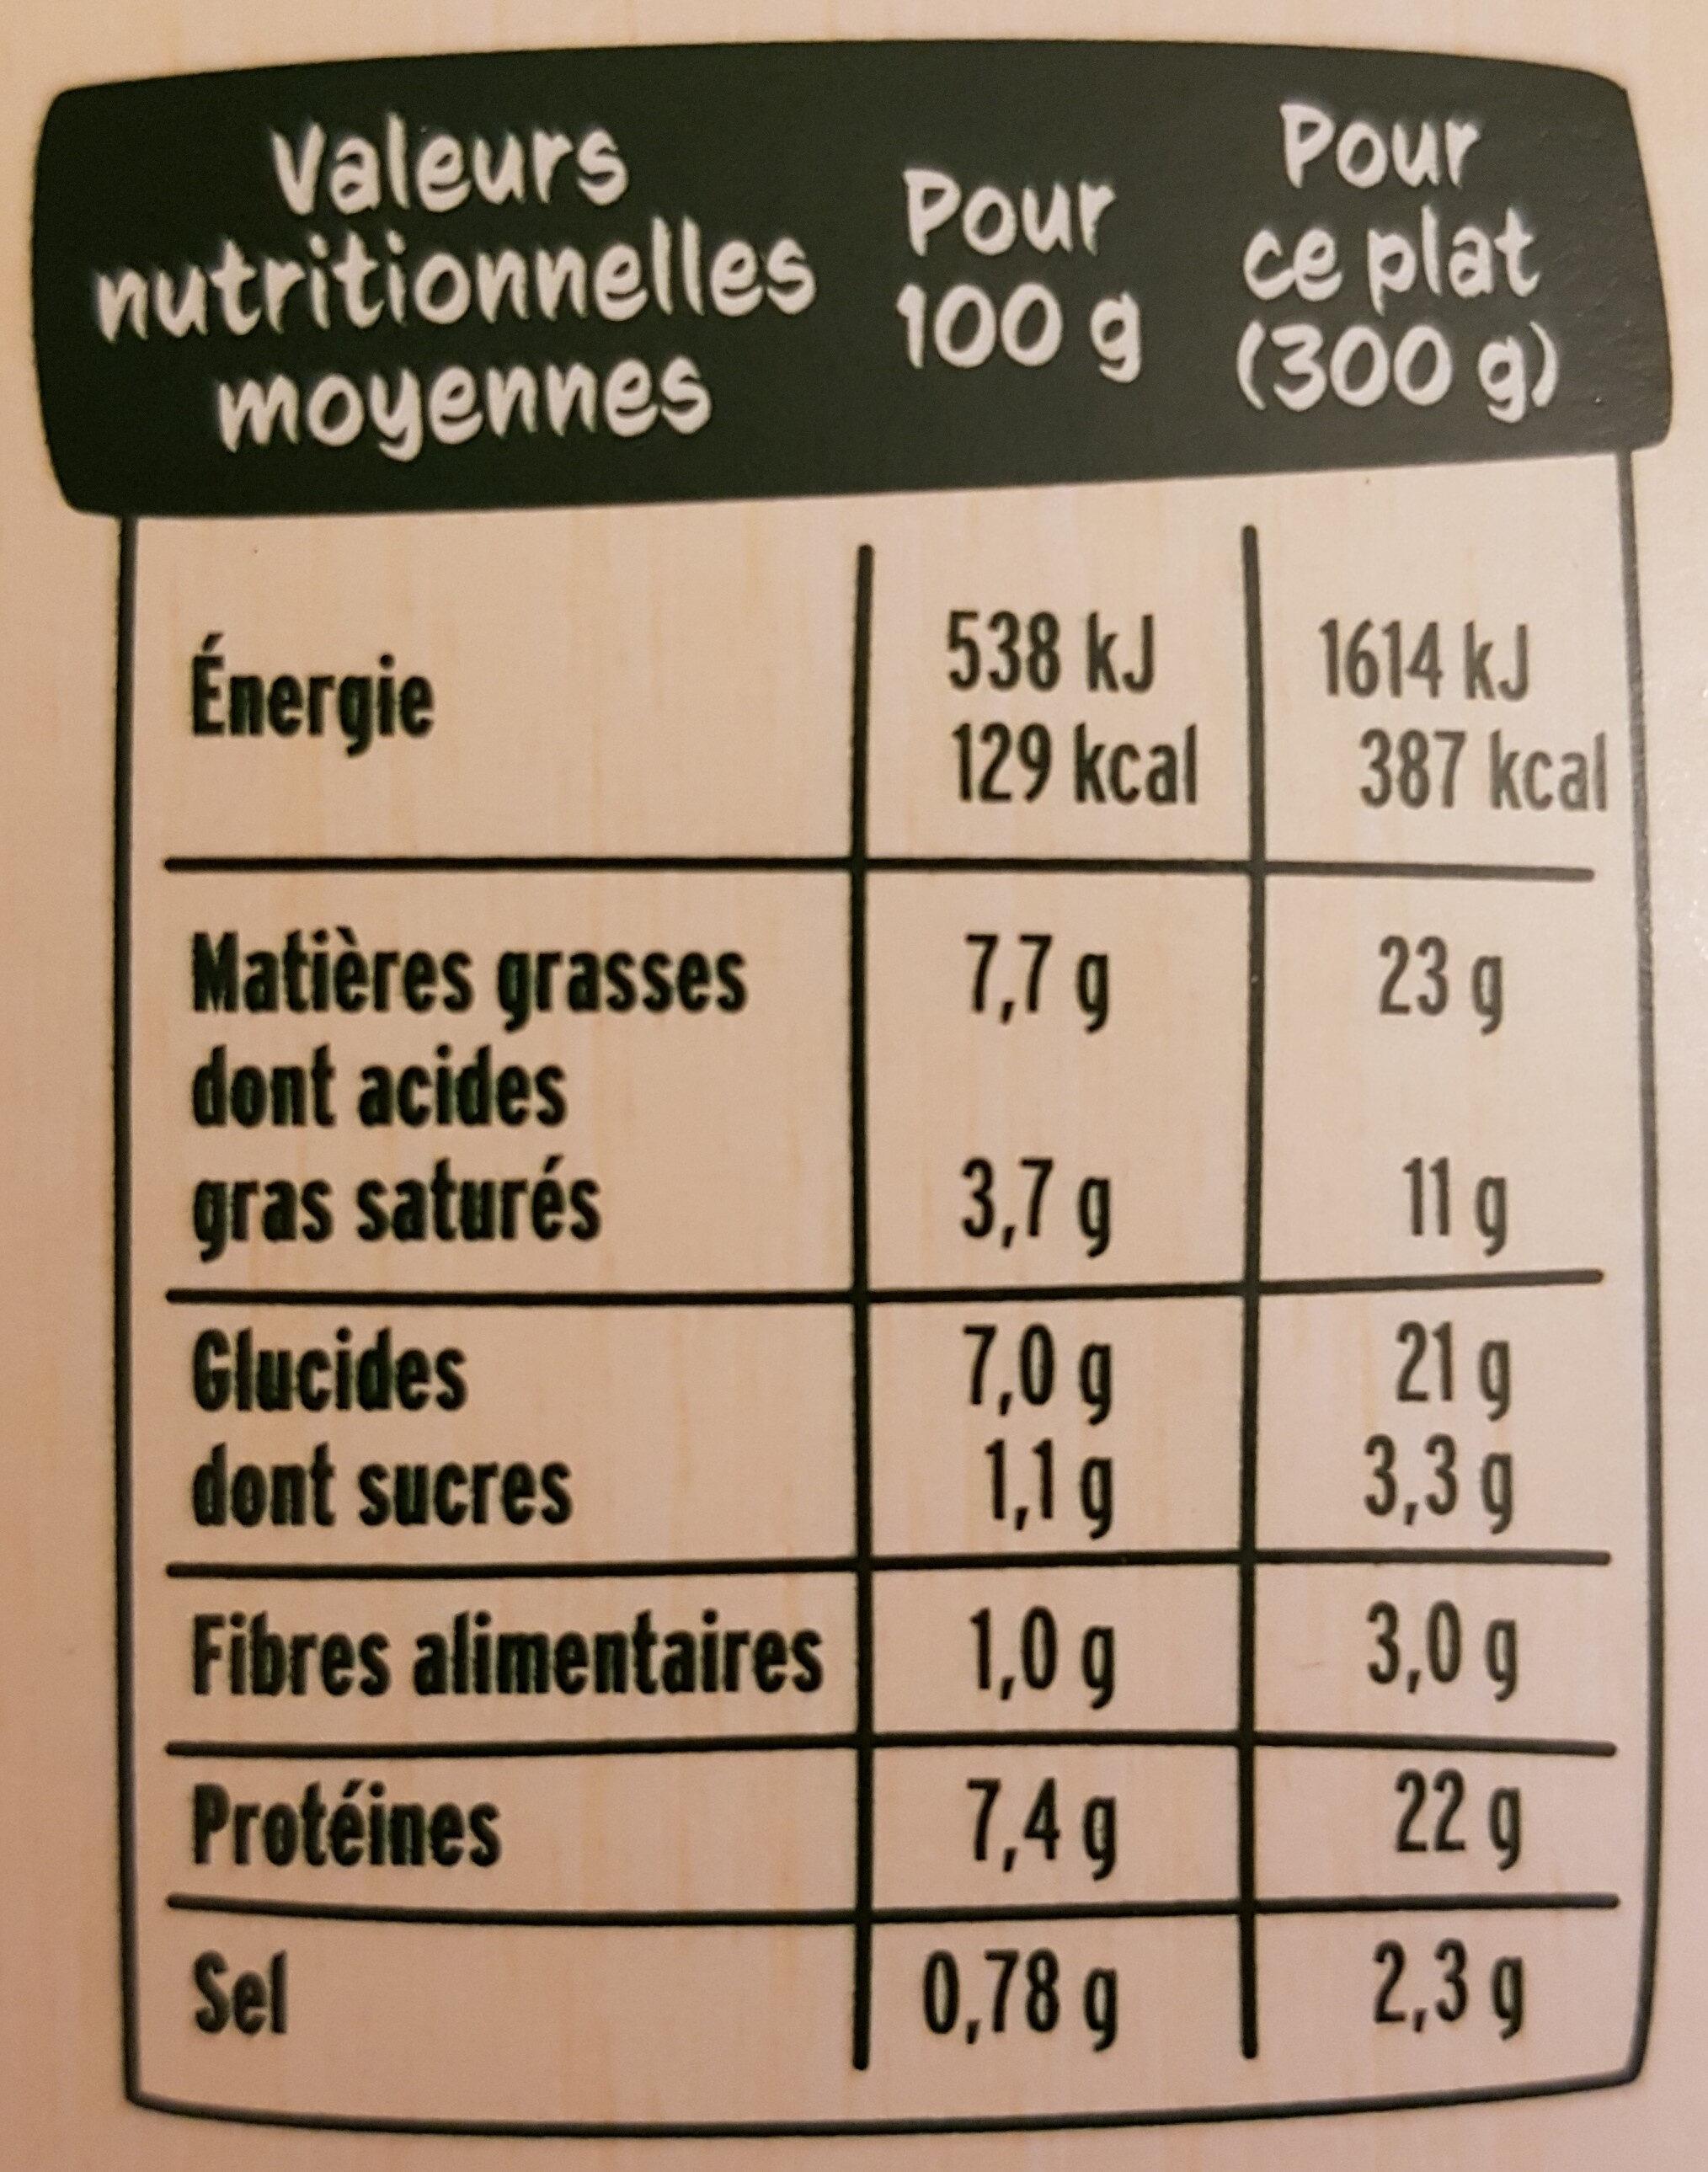 Le Parmentier de saumon sauce ricotta épinards - Nutrition facts - fr